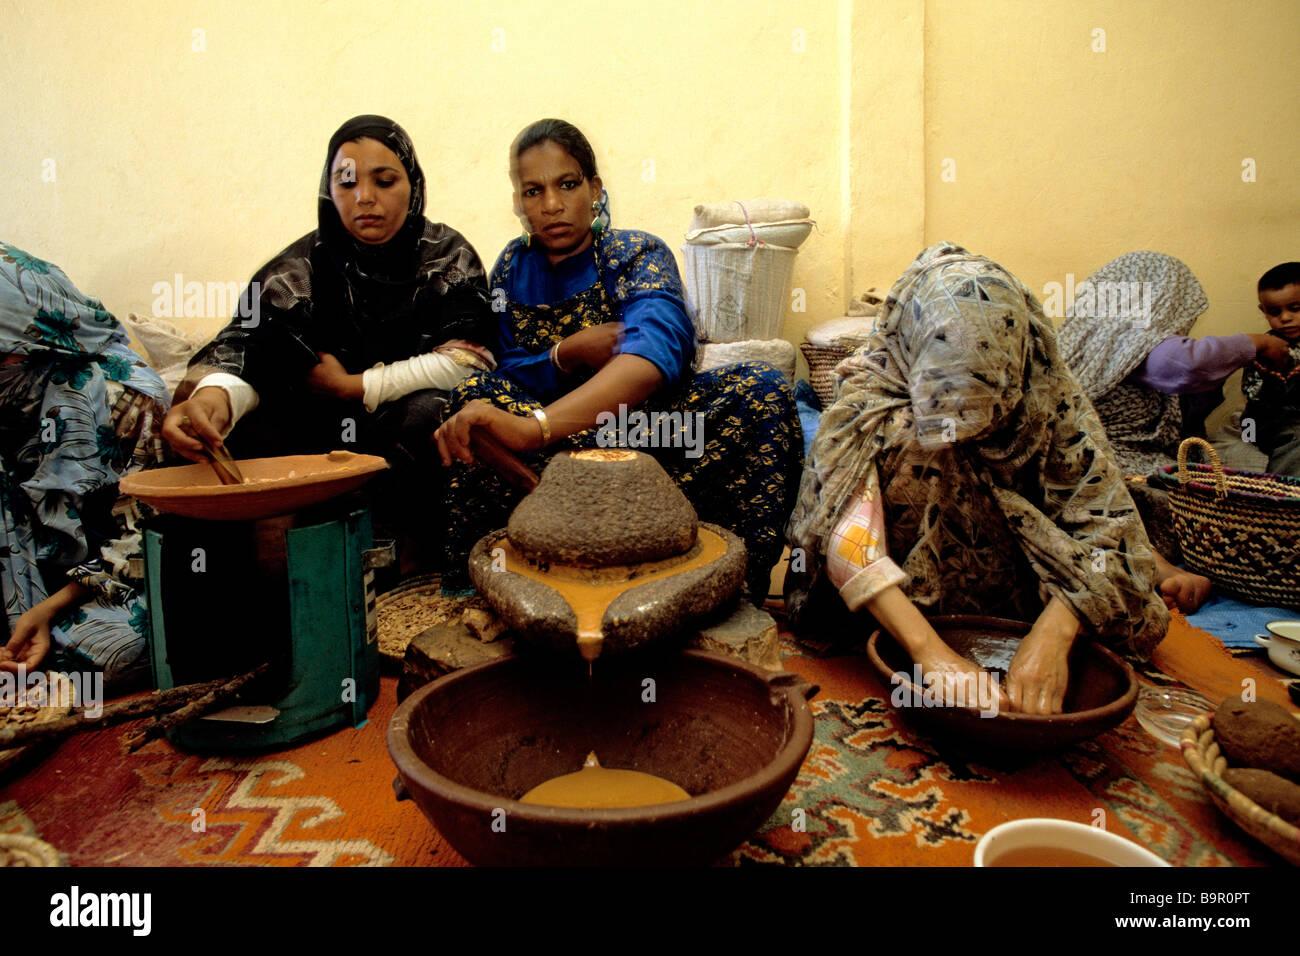 Marrocos, Grande Atlas, a fabricação do óleo de argão pelos berber mulheres Imagens de Stock